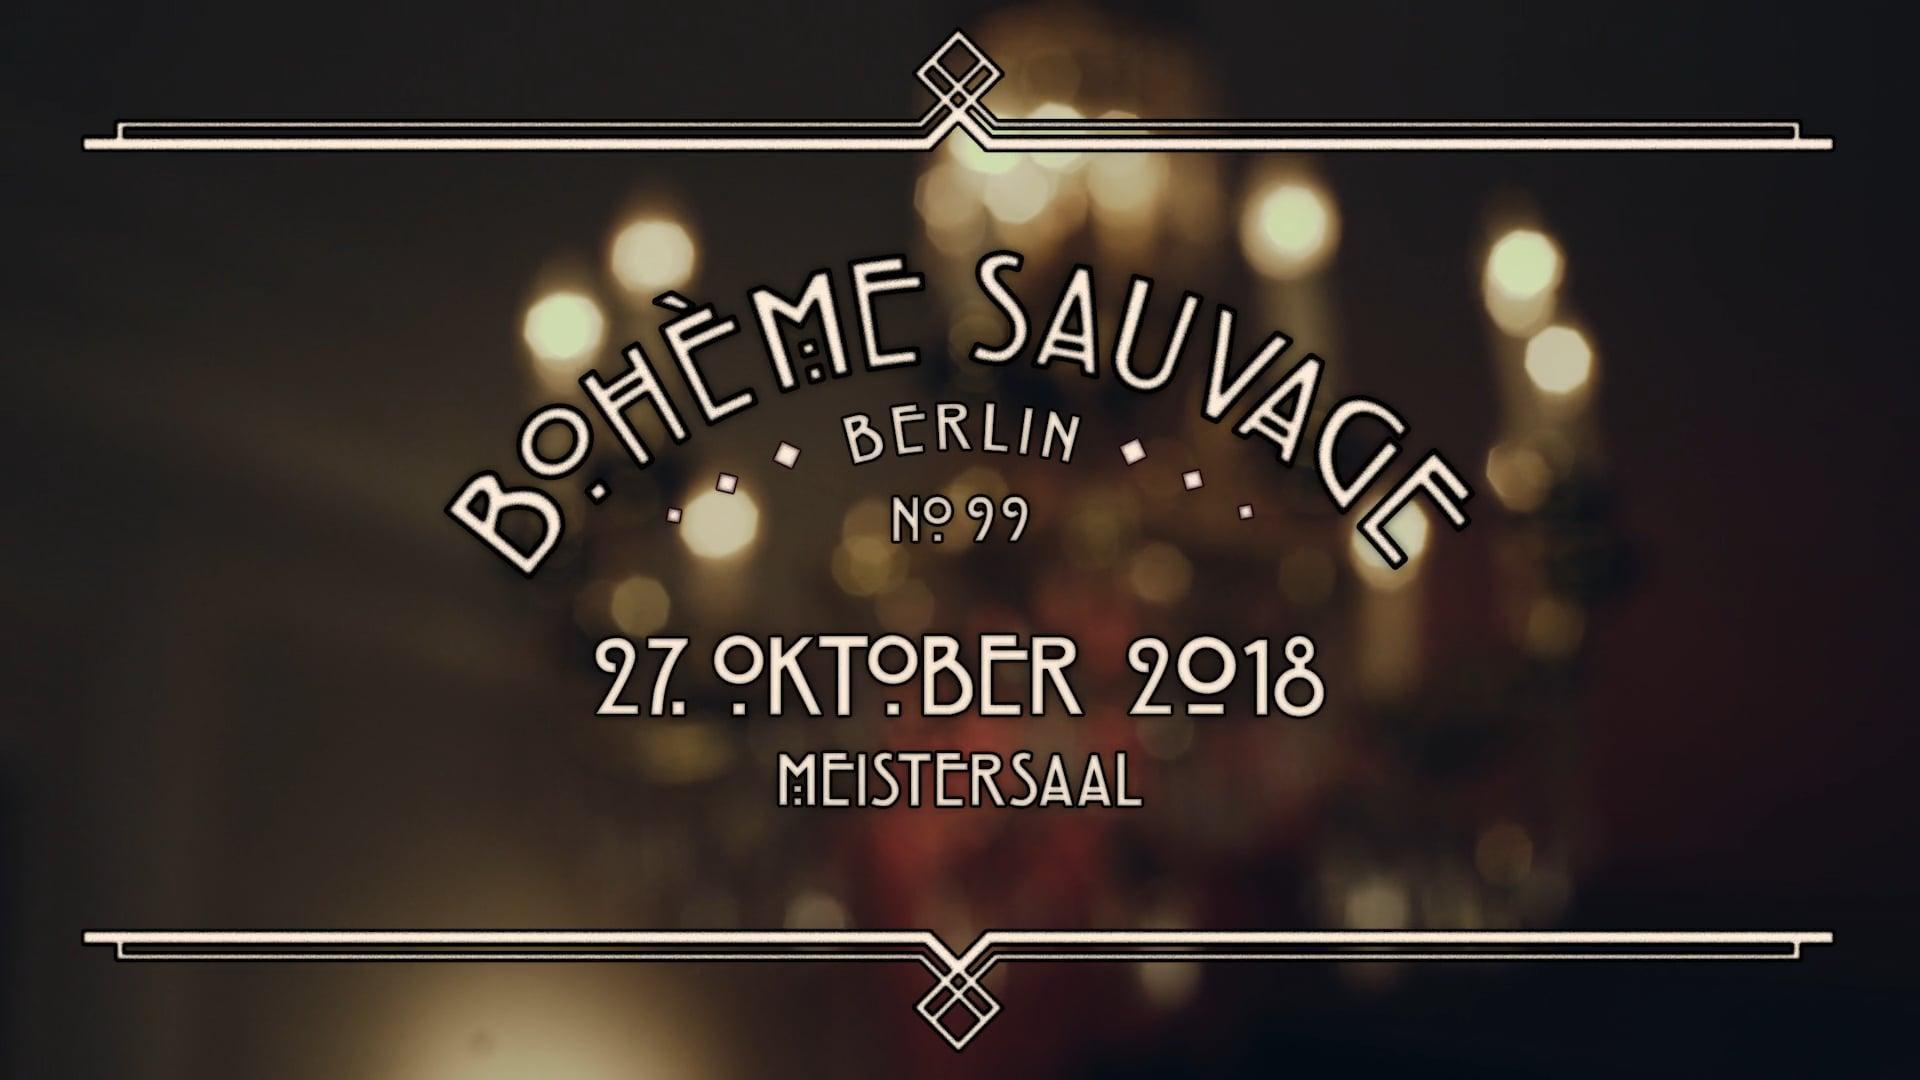 Bohème Sauvage Berlin Nº99 - 27. Oktober 2018 - Meistersaal